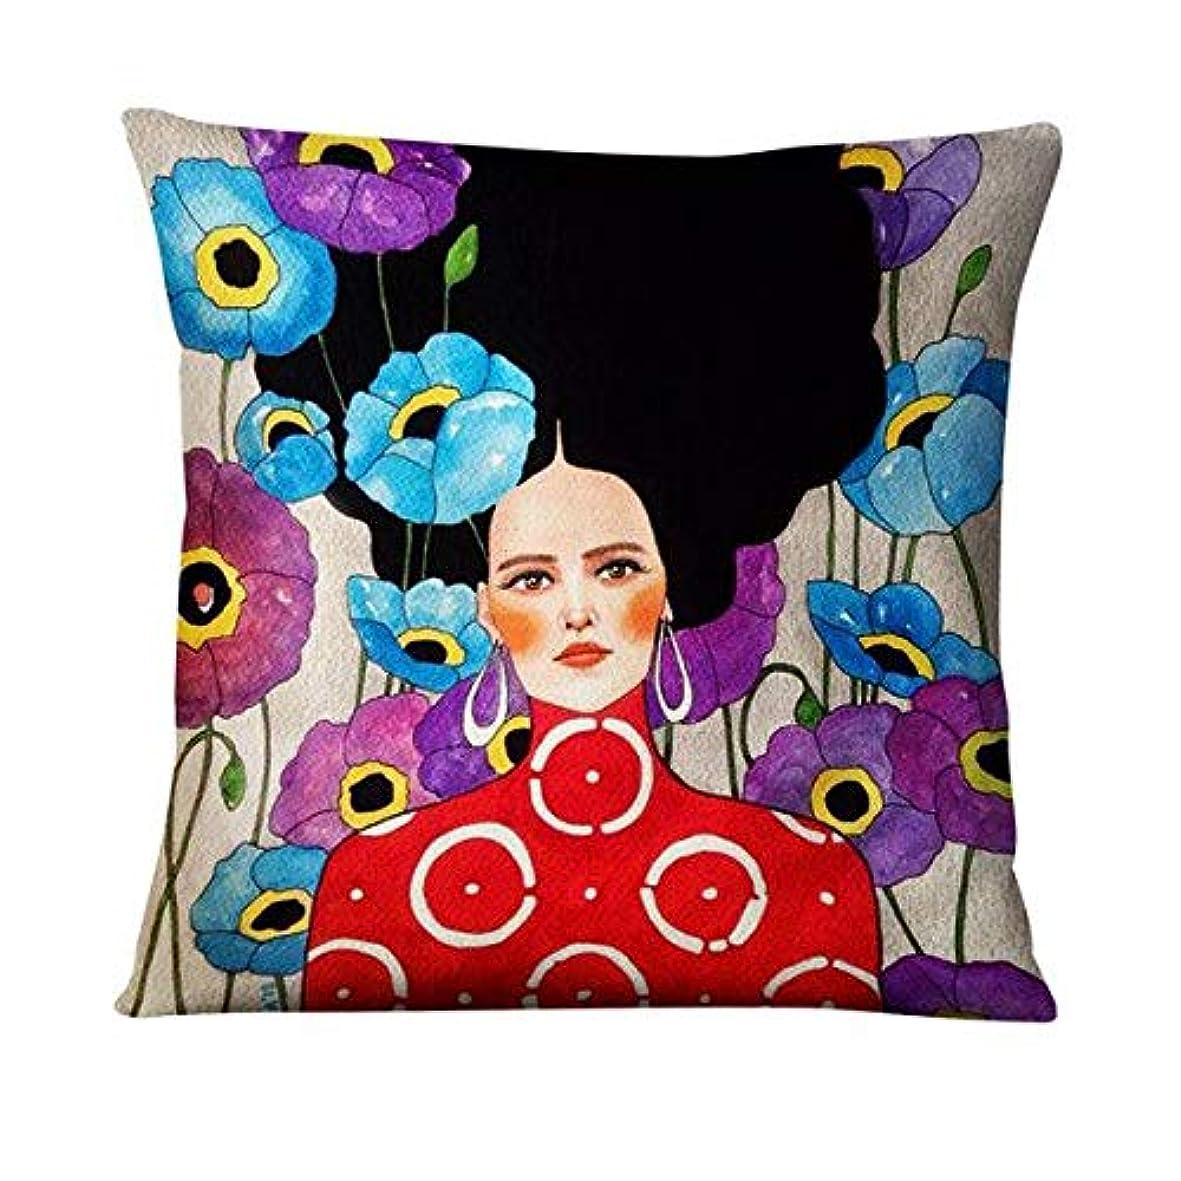 責自己影響するLIFE 英国アート薄型リネン枕エレガントな女性画クッション装飾枕家の装飾ソファスロー枕 45*45 Almofadas クッション 椅子